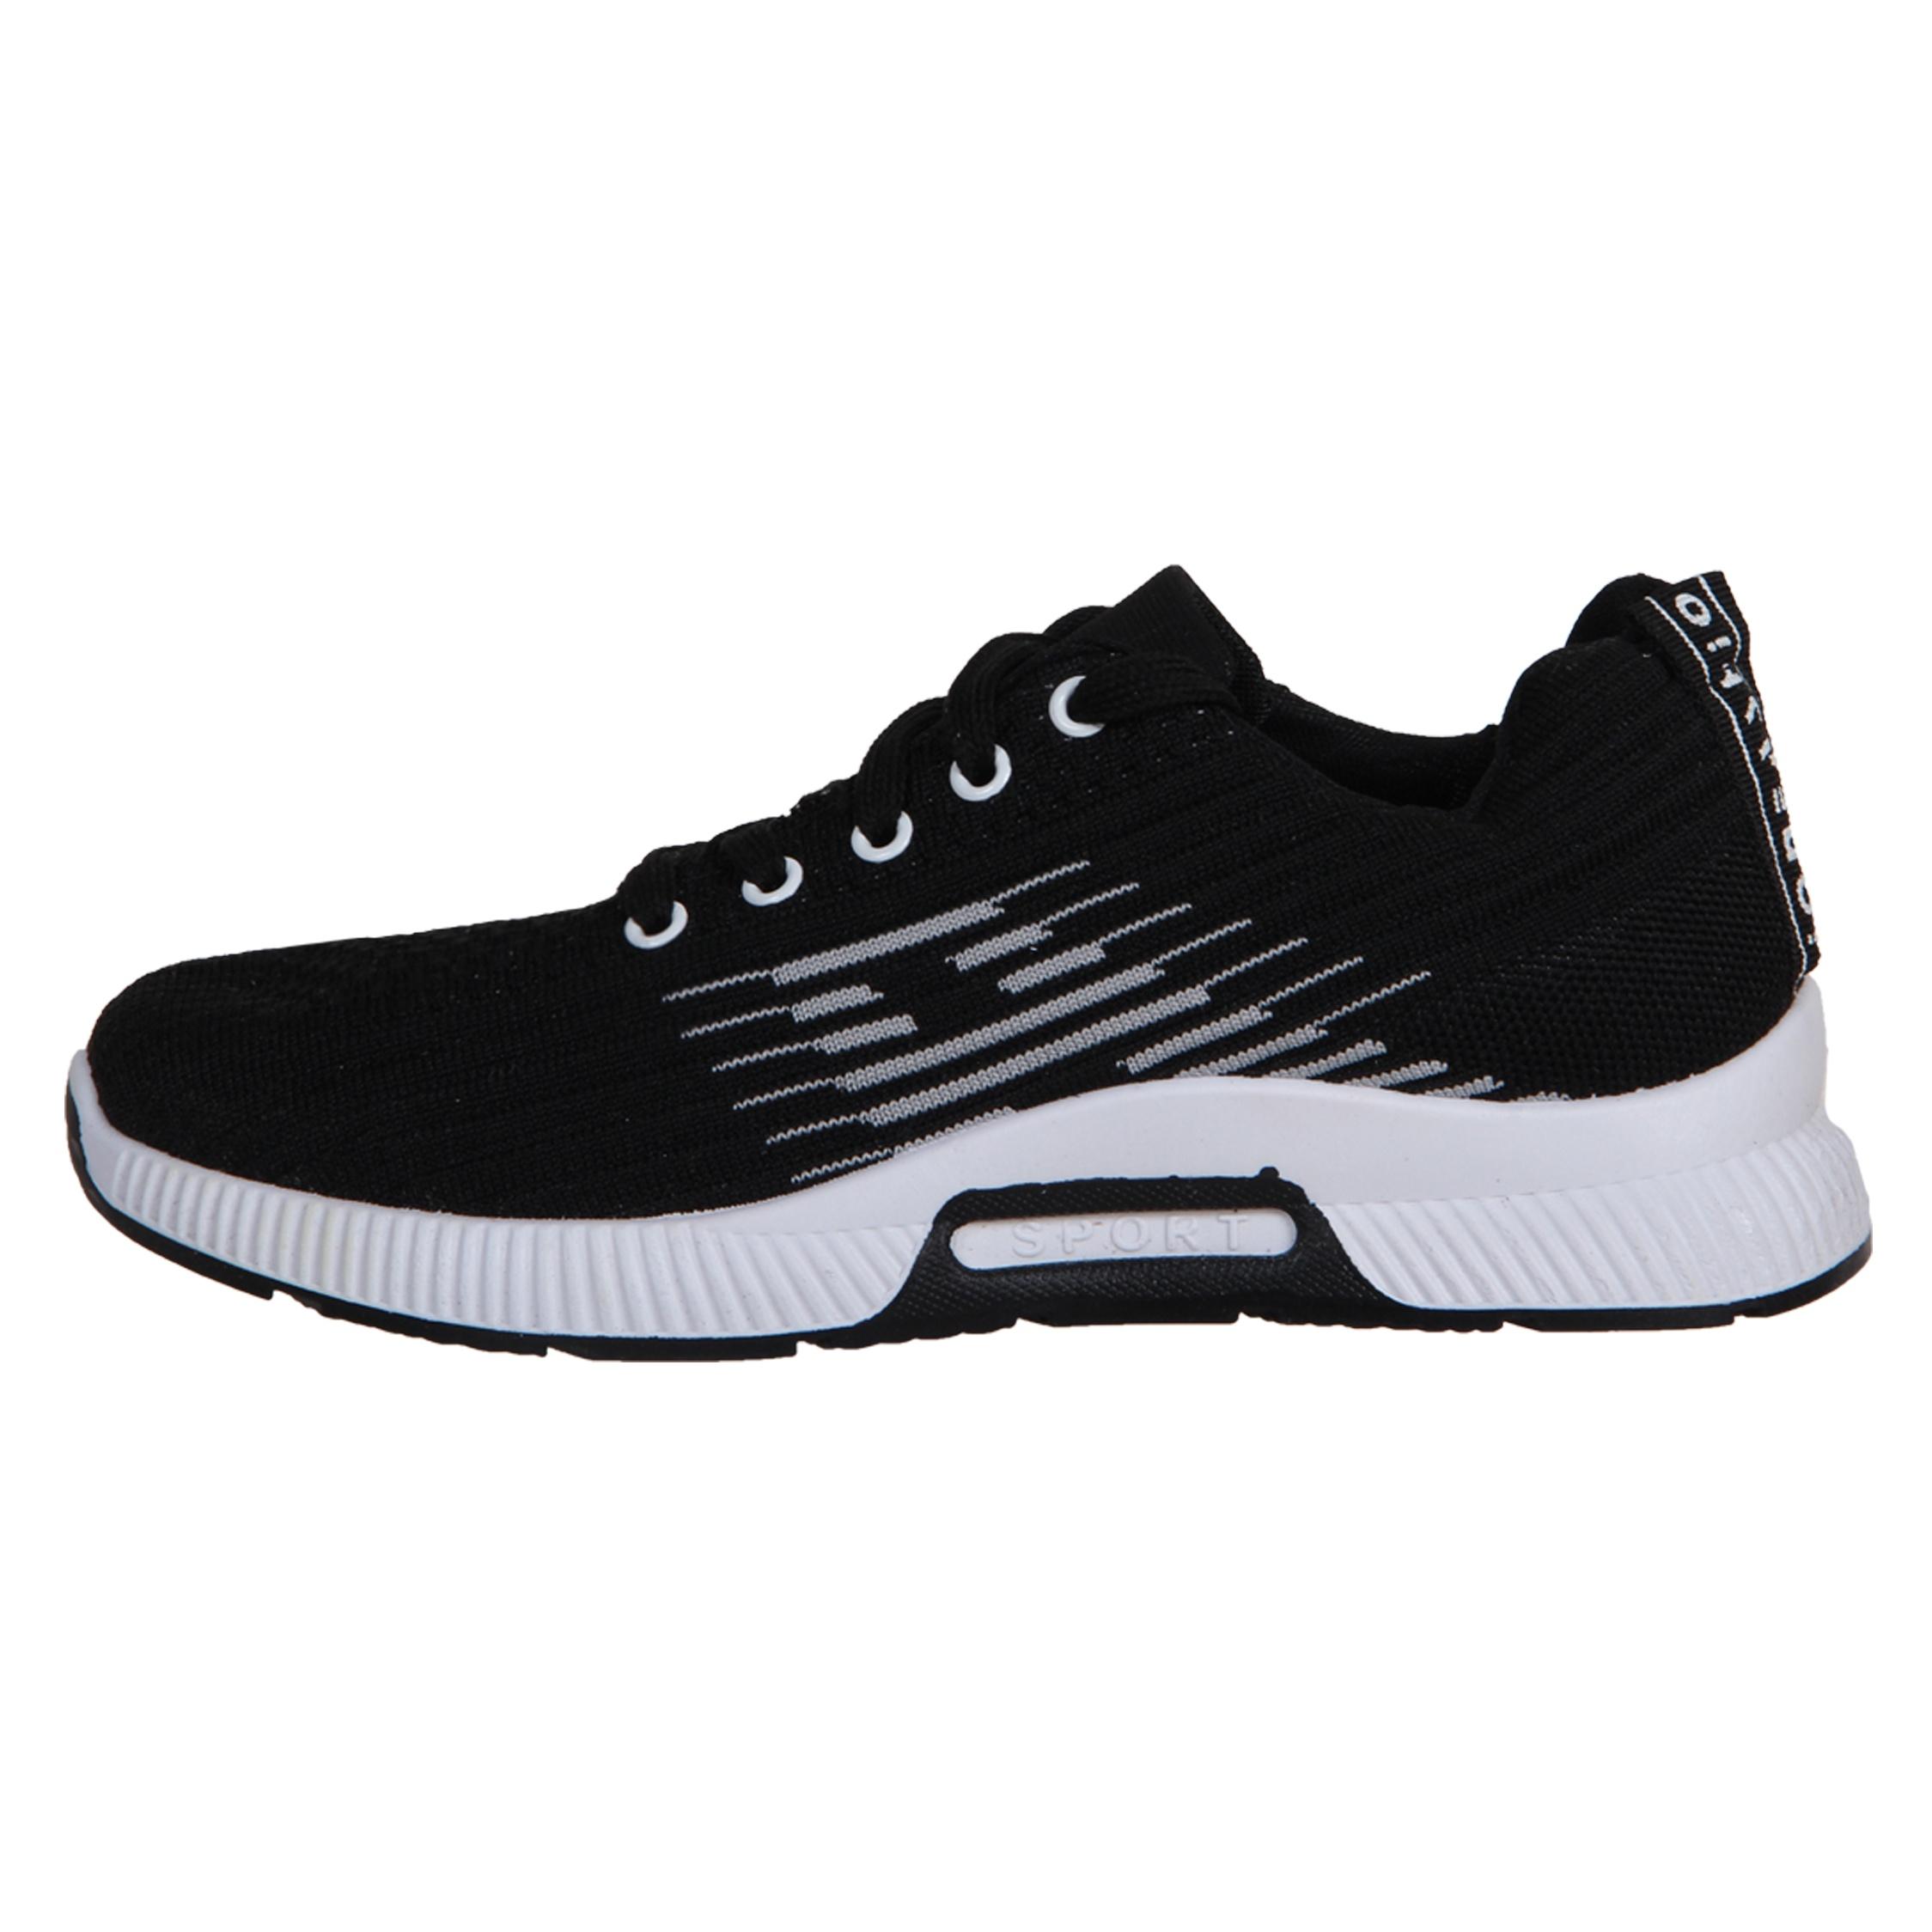 کفش مخصوص پیاده روی زنانه کد 1-22090